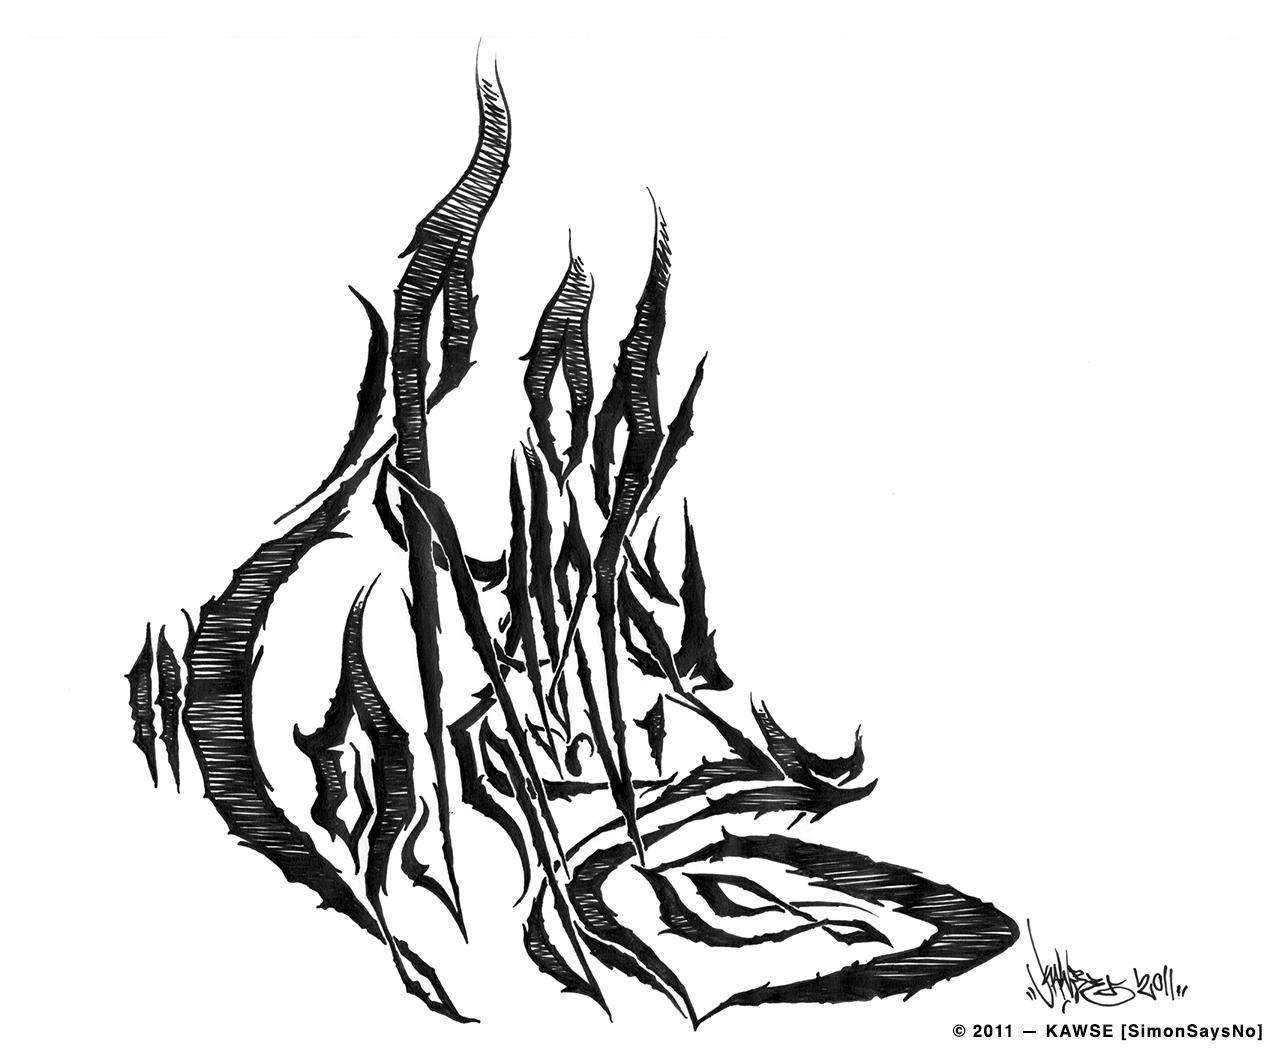 KAWSE 2011  — BURN OUT [Sketch]